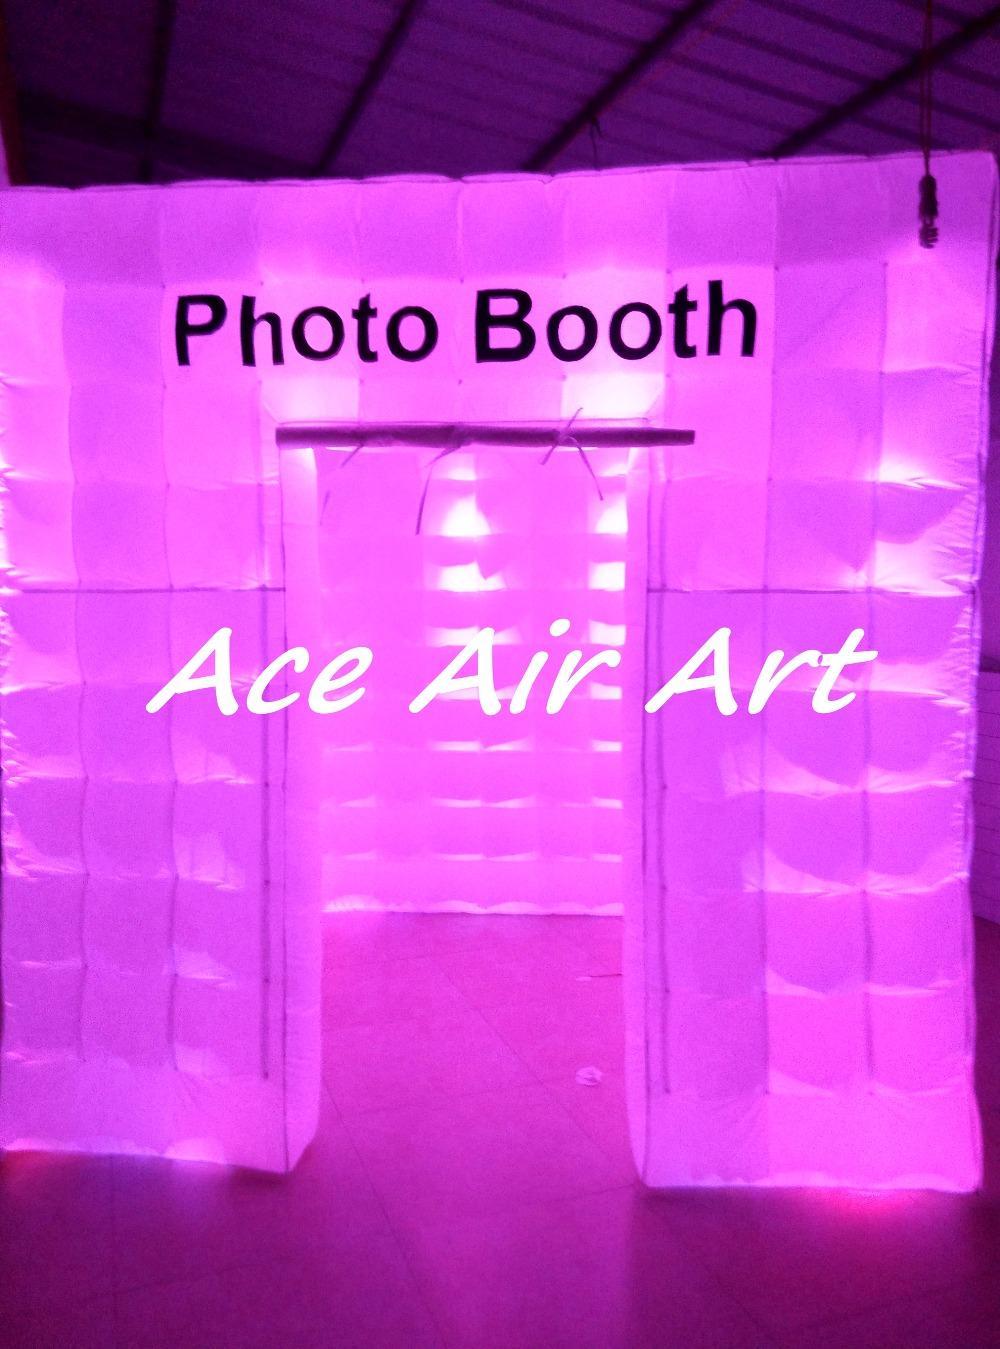 personalizzare cabina cabina foto noleggio cabina illuminazione meravigliosa la decorazione evento festa di nozze